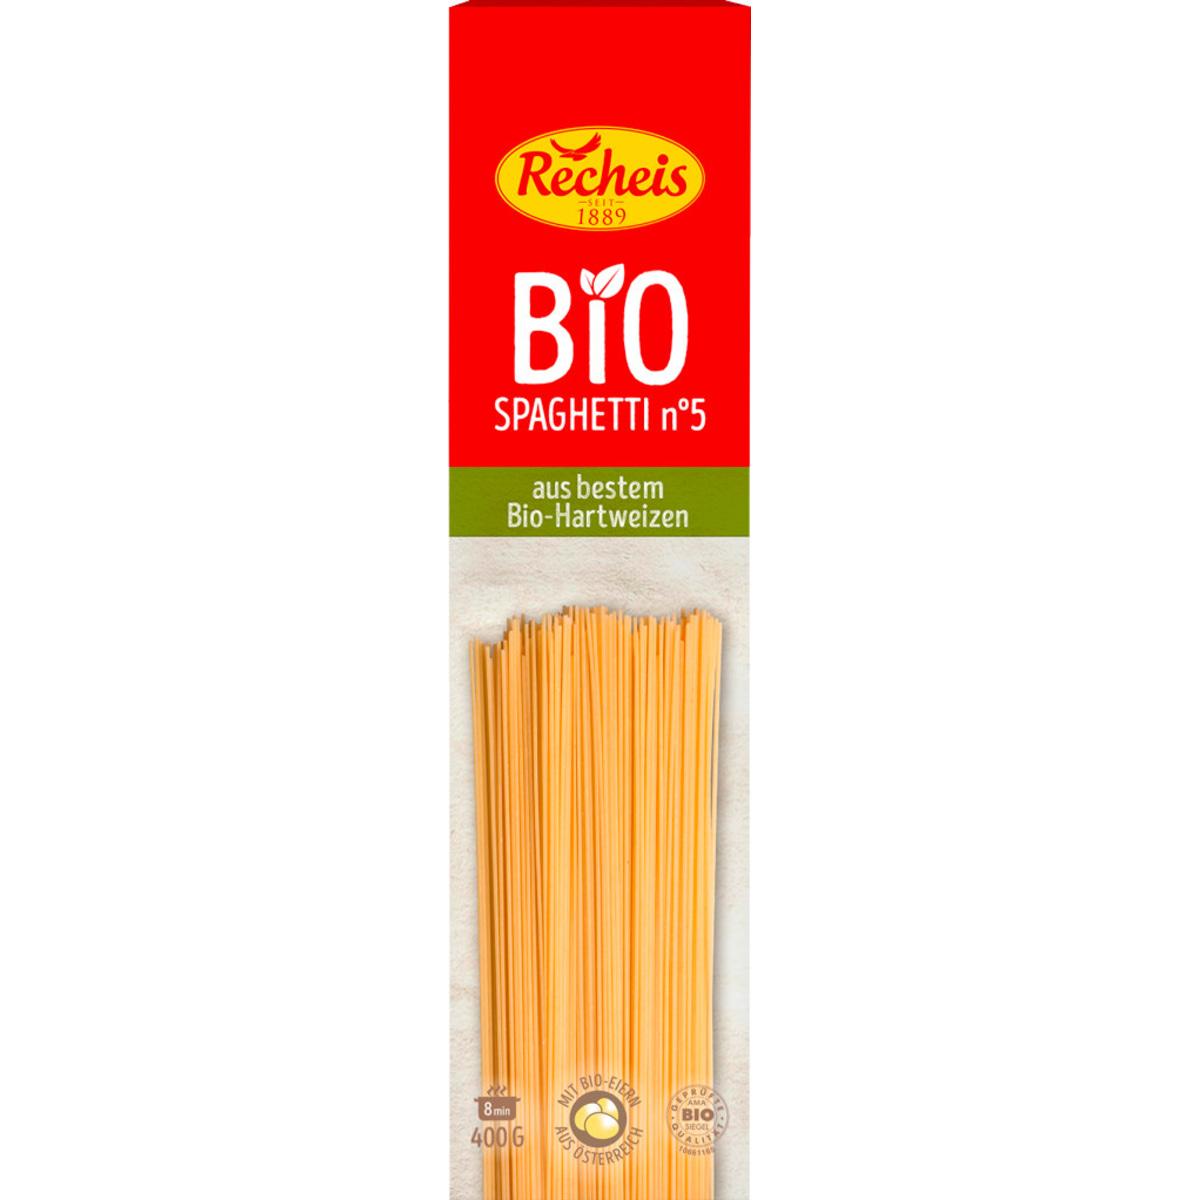 Recheis Bio Spaghetti